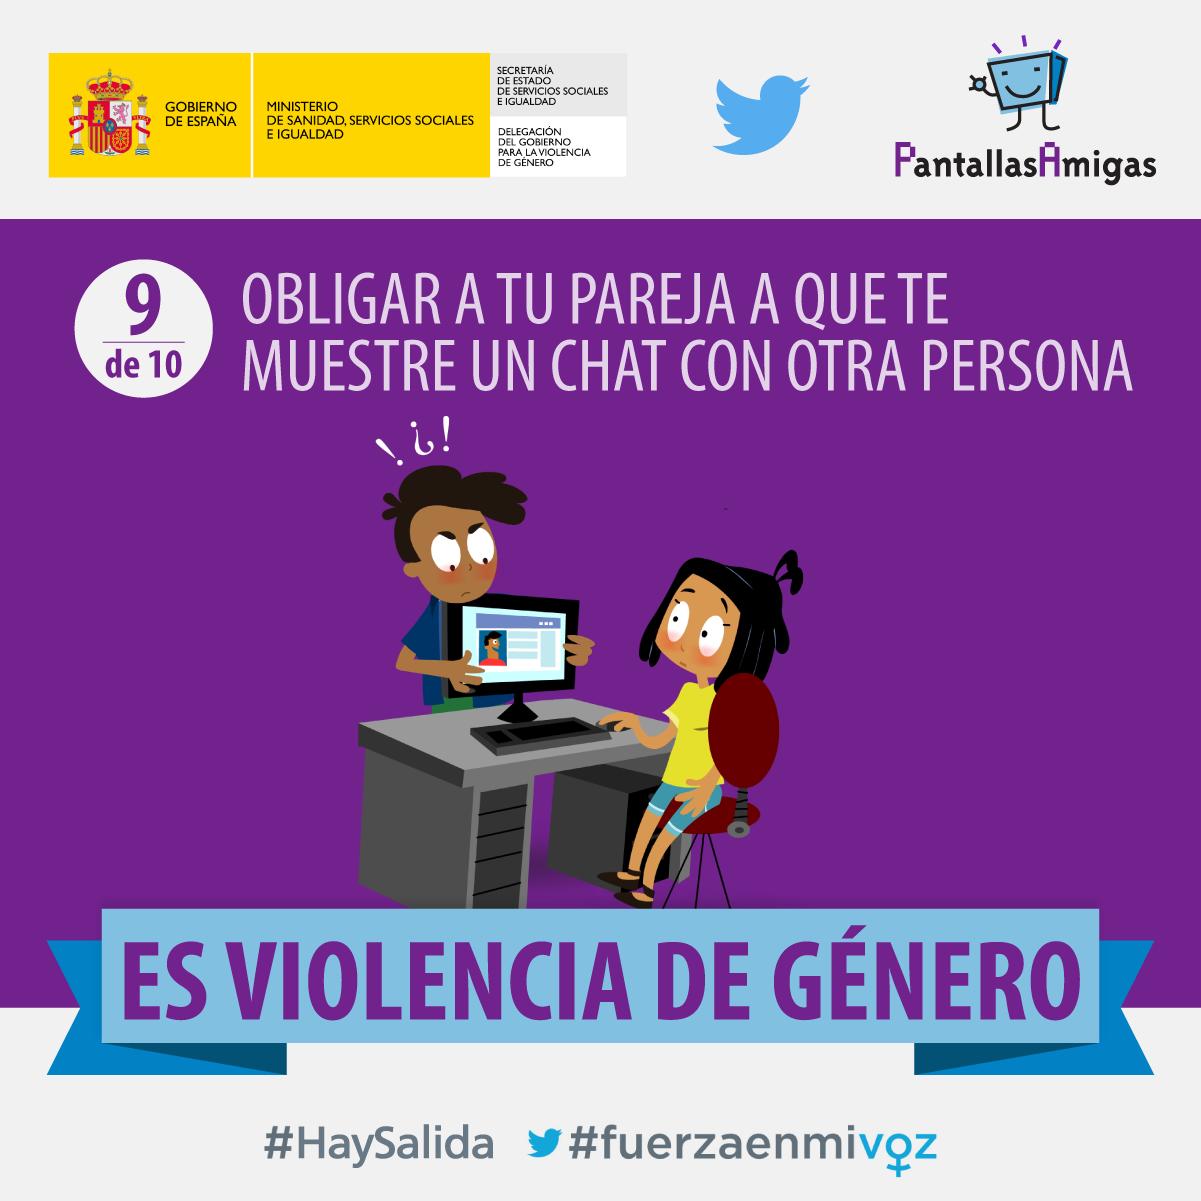 10-FORMAS-VIOLENCIA-DE-GÉNERO-DIGITAL_09_10_Privacidad